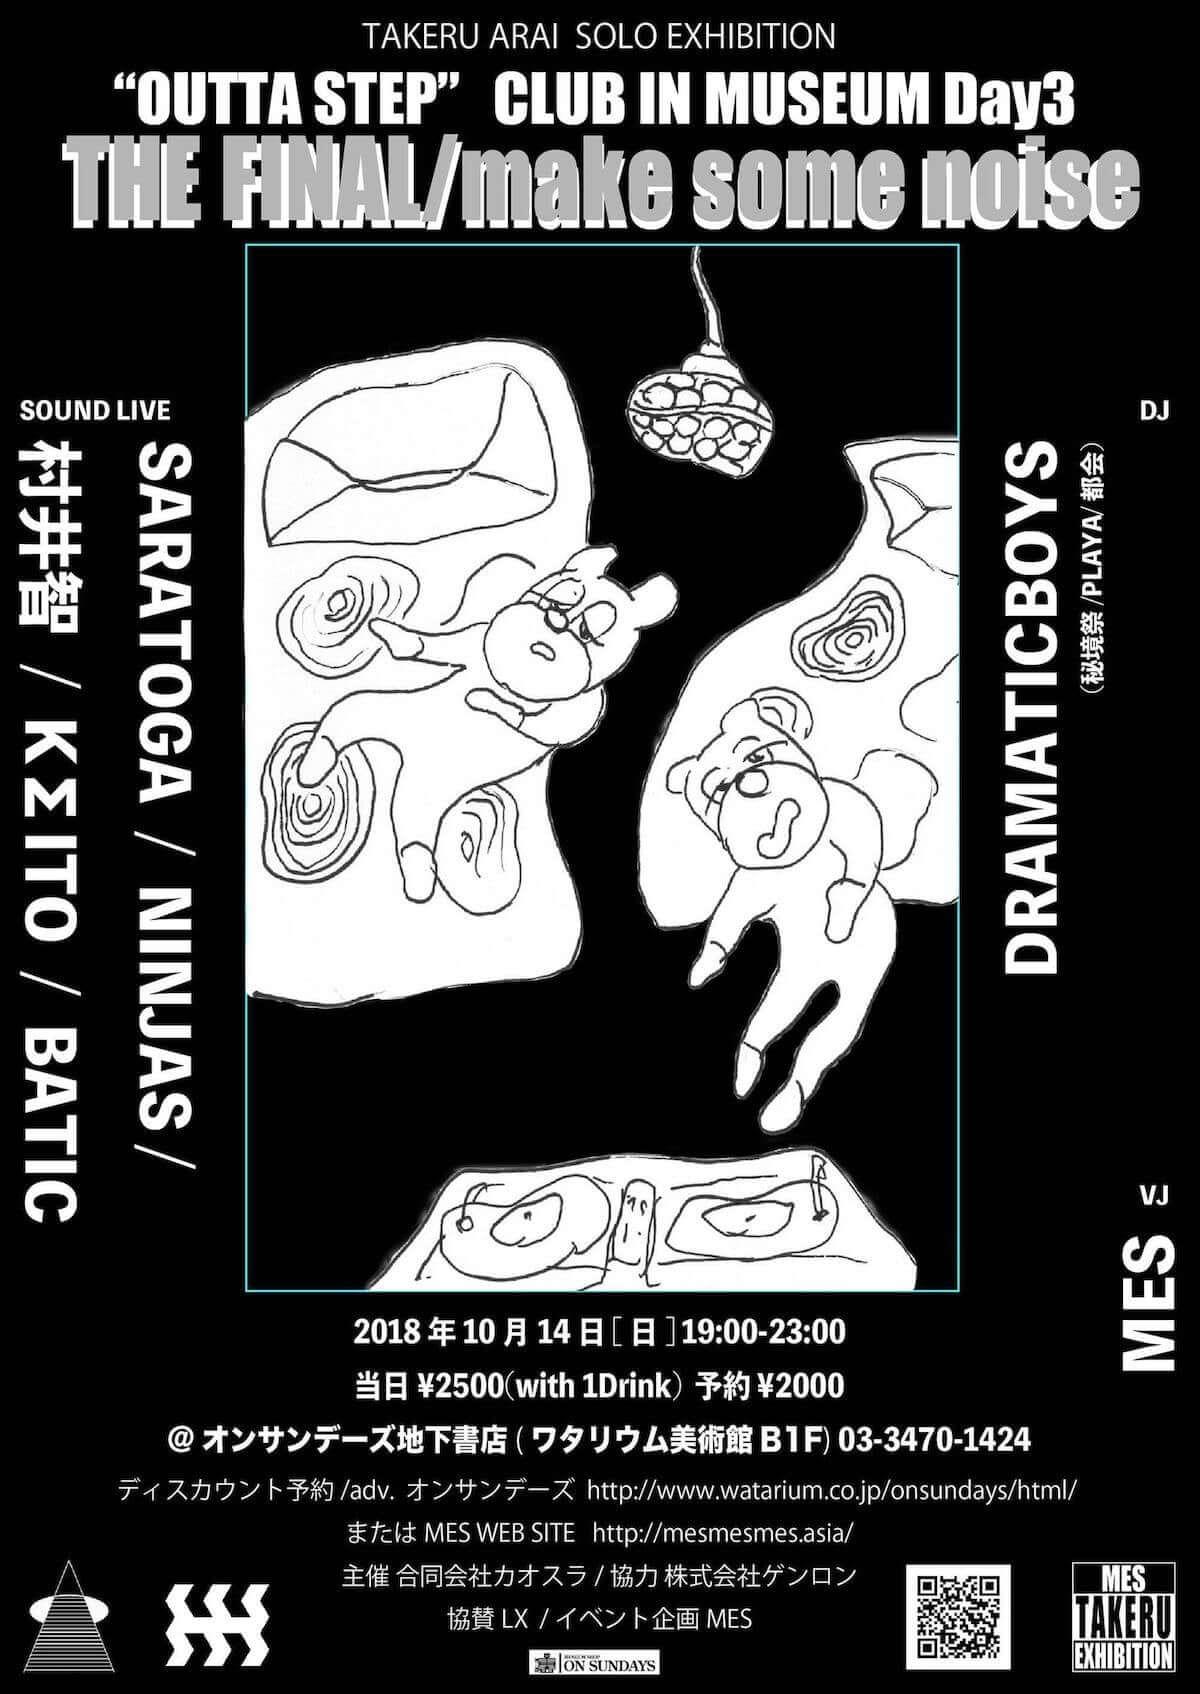 クラブの摘発に端を発した風営法問題をテーマにしたインスタレーションで話題となった新井健が個展を開催 mesmesmes-1200x1694